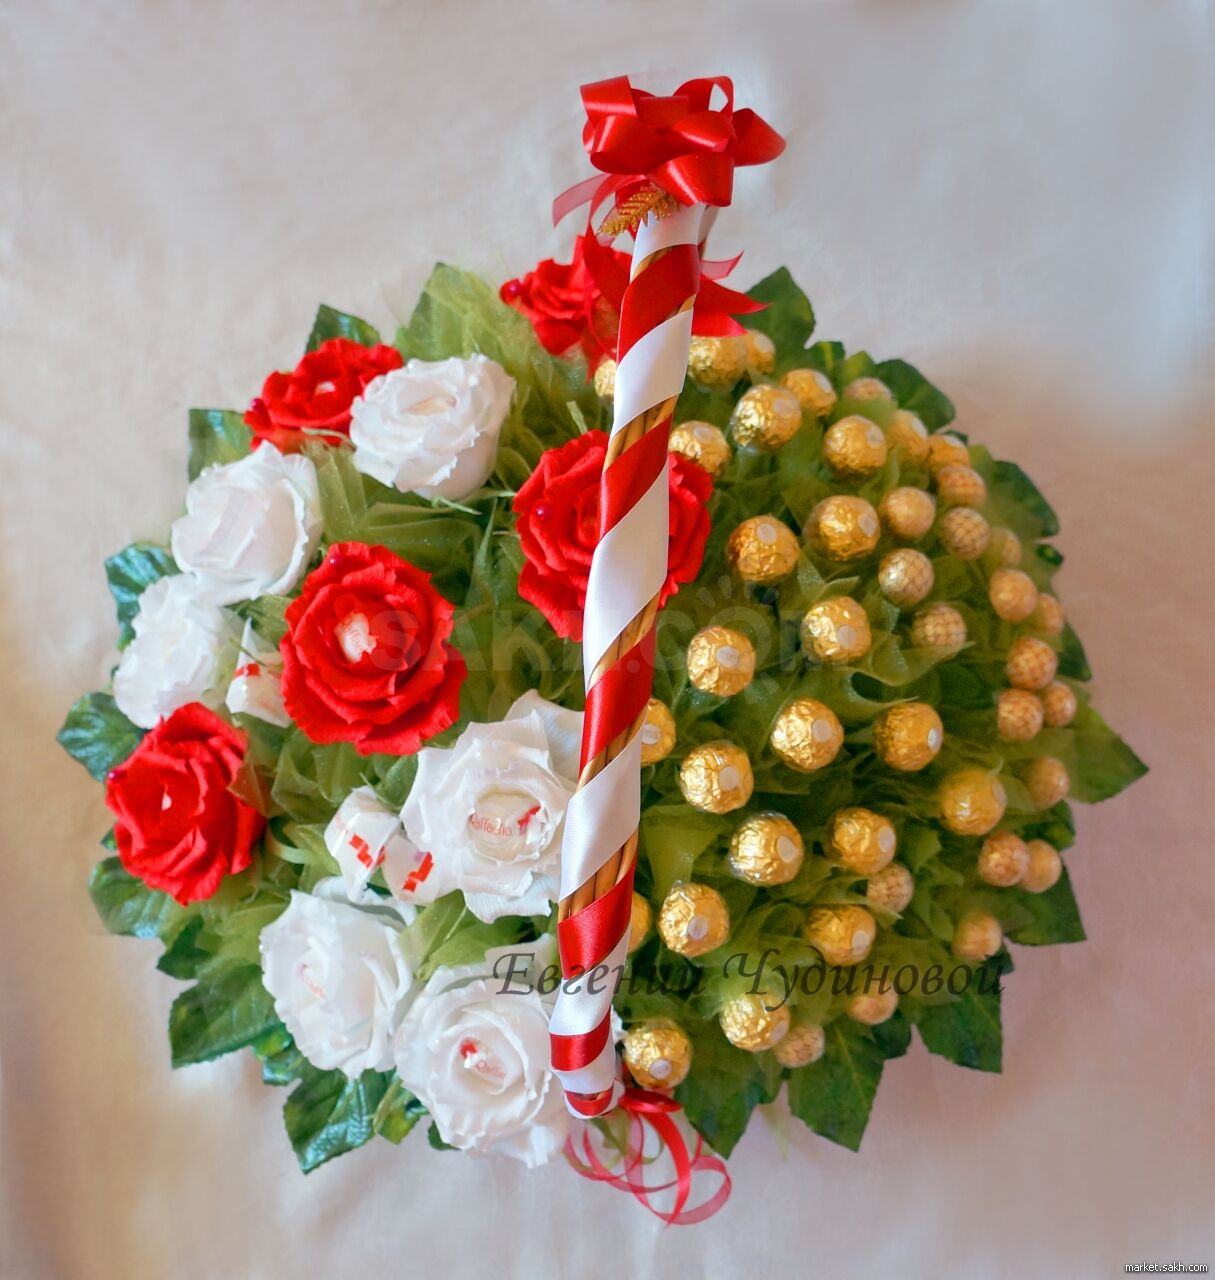 Конфетный букет на день учителя, цветов сочи букеты